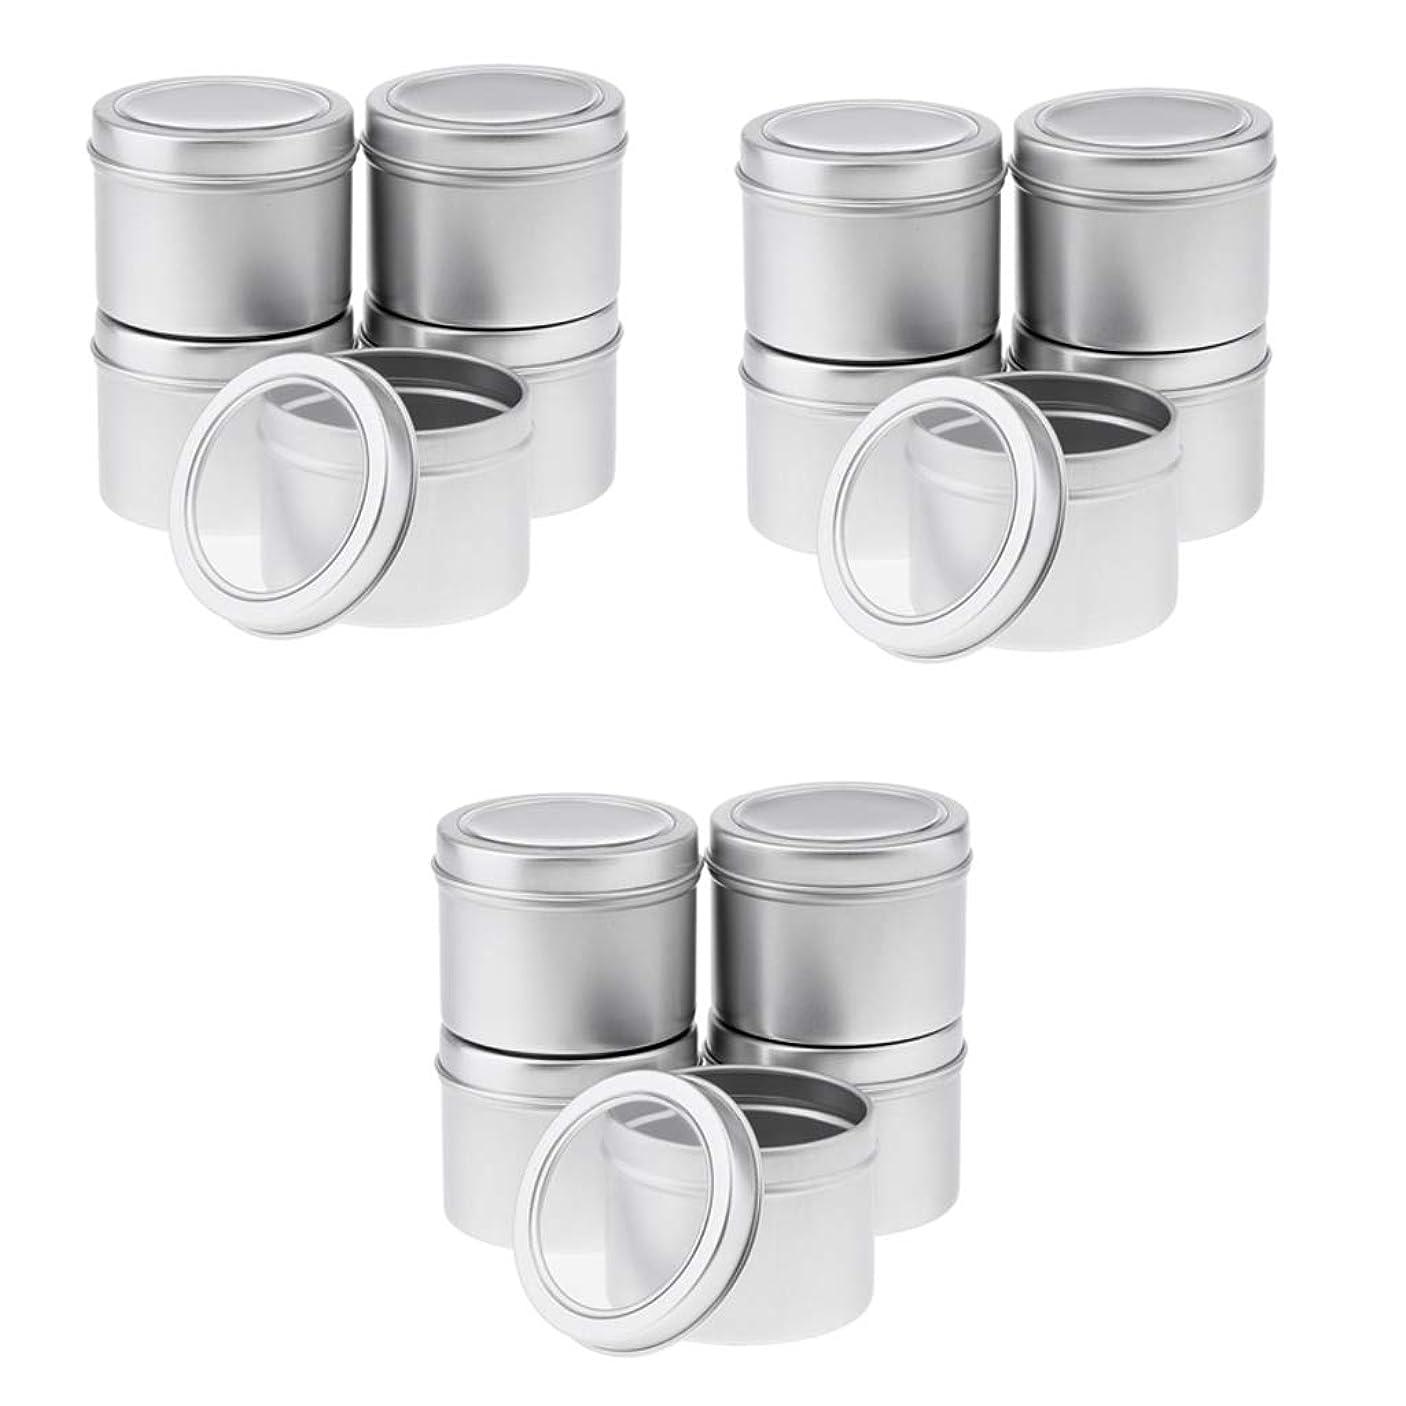 マウスピース相互接続公T TOOYFUL 15個入 パーツボックス アルミ缶 ジュエリー収納 小分け容器 詰め替え 空き缶 ジュエリー 小物入れ